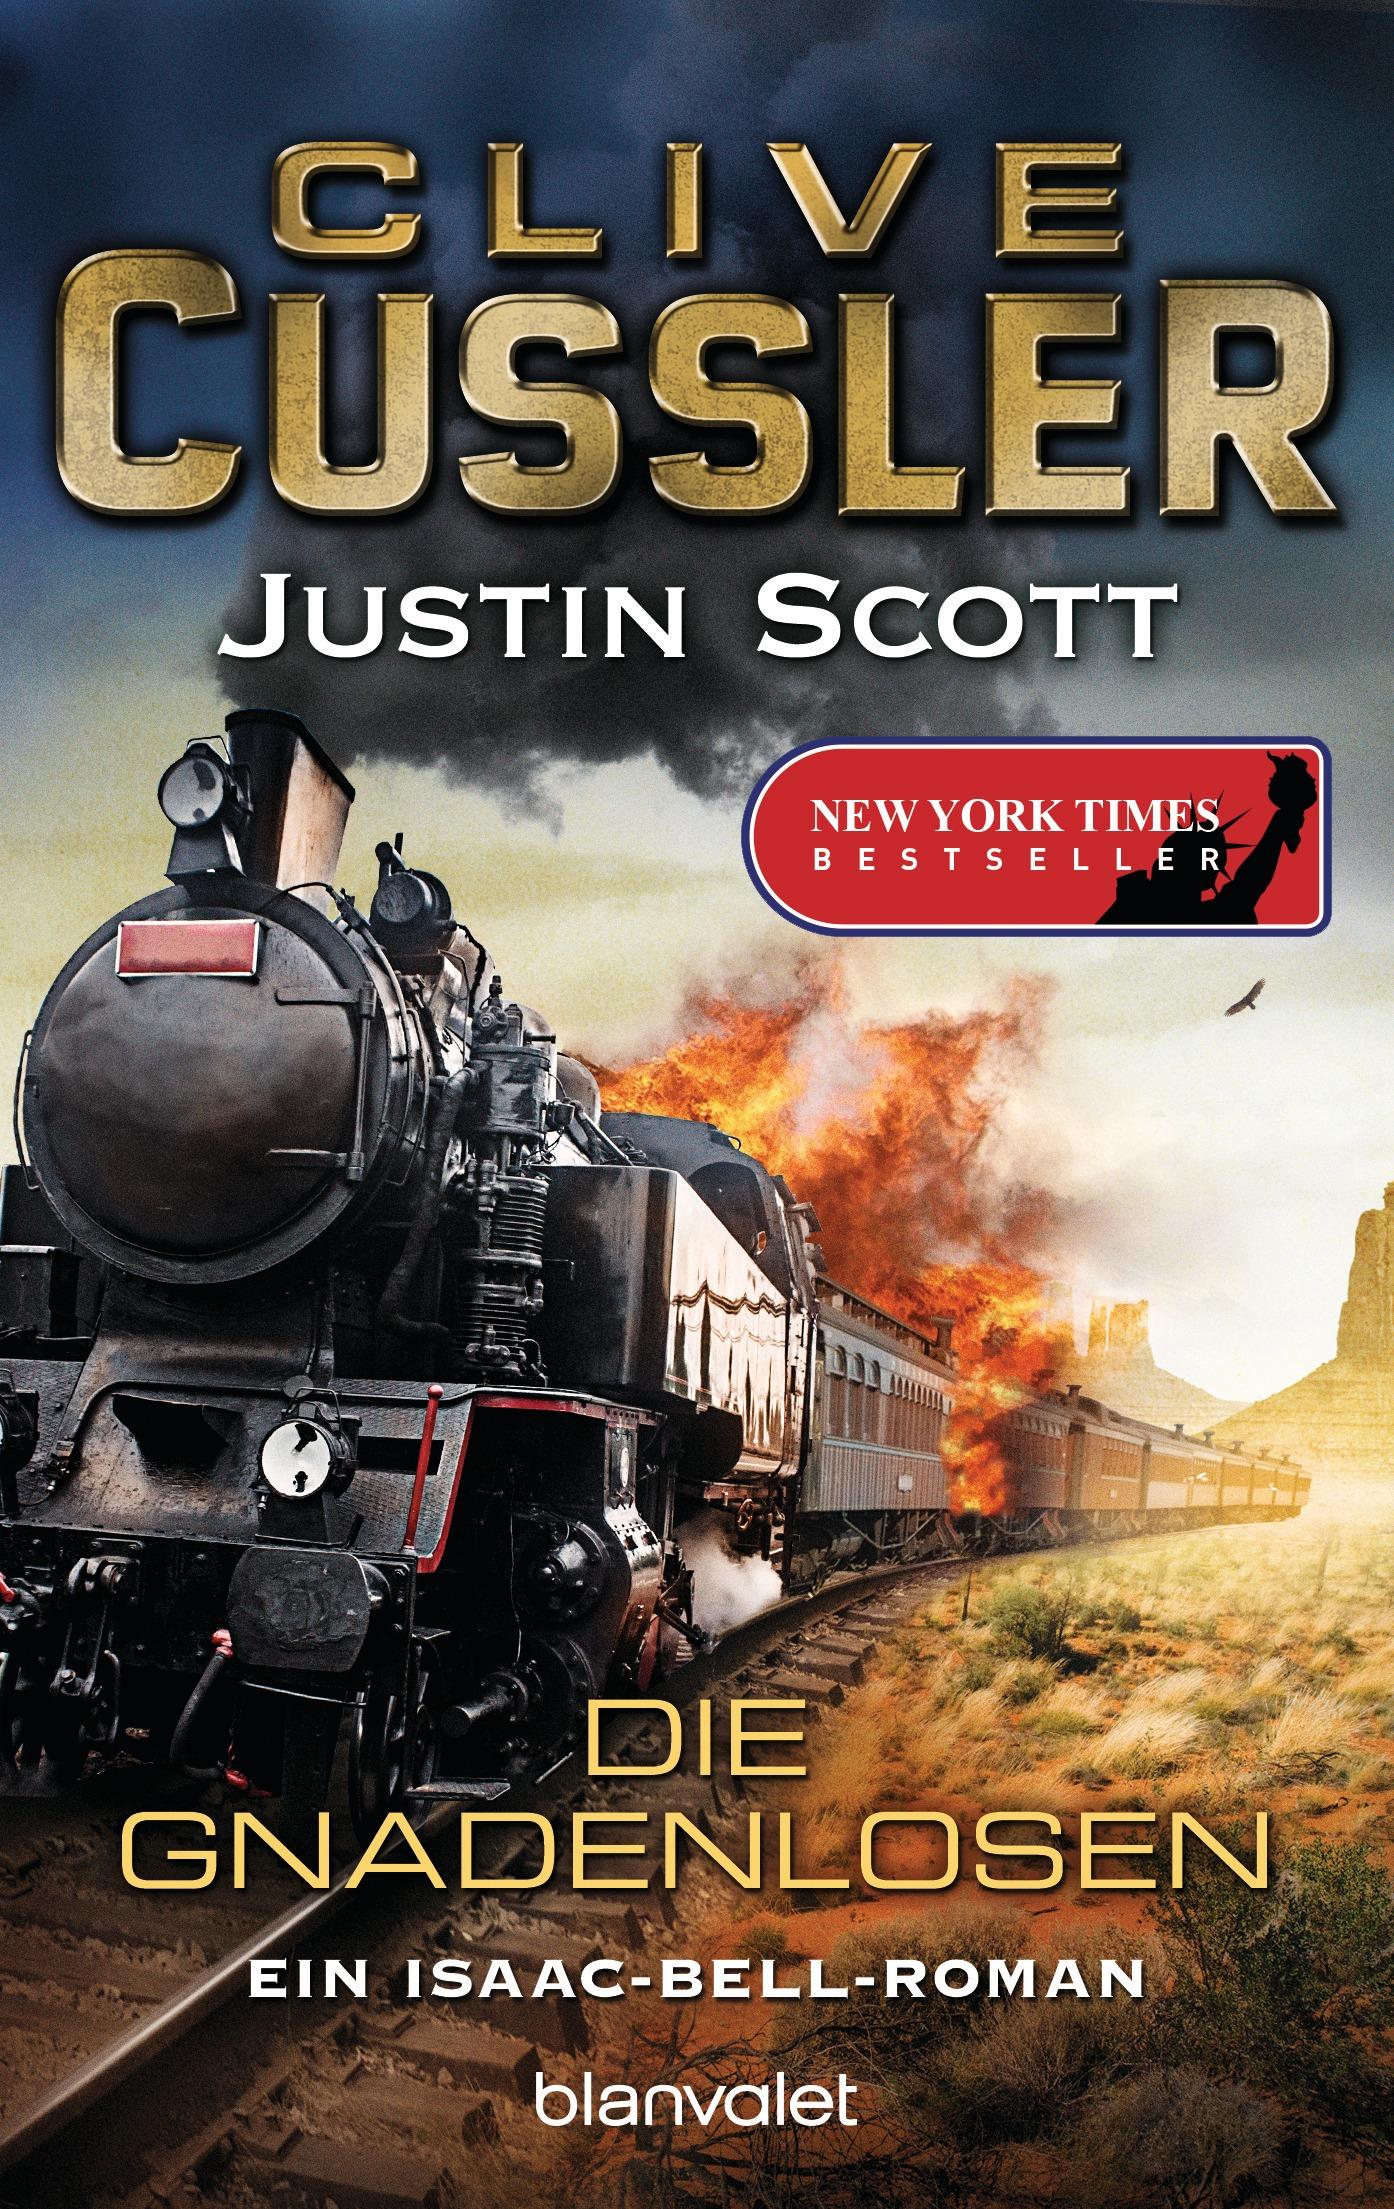 Die Gnadenlosen: Ein Isaac-Bell-Roman - Clive Cussler